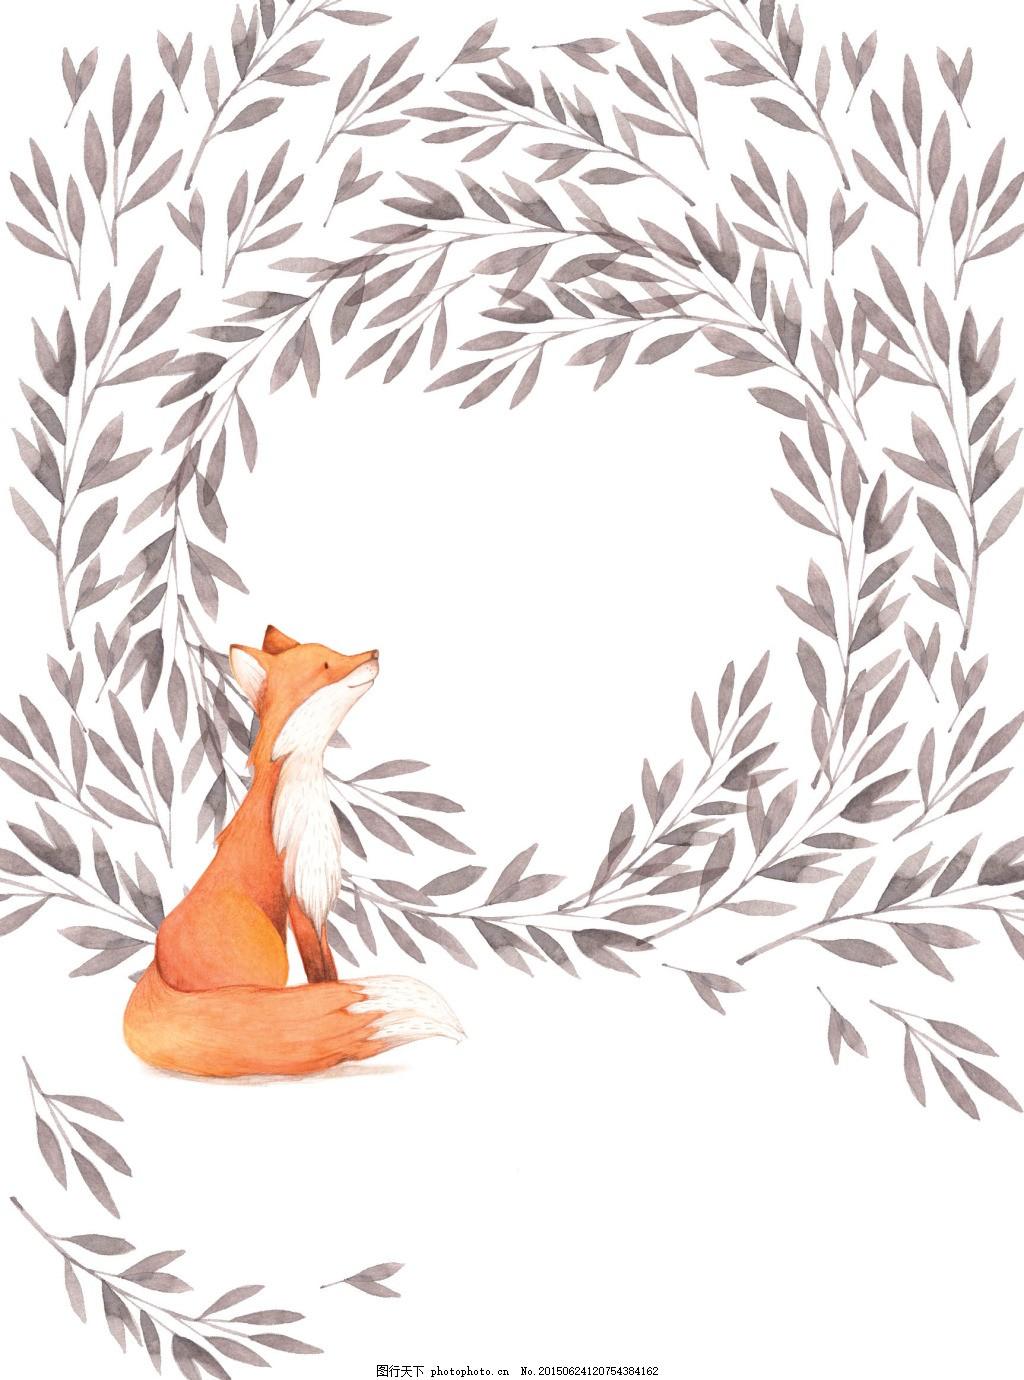 黑笔手绘狐狸图